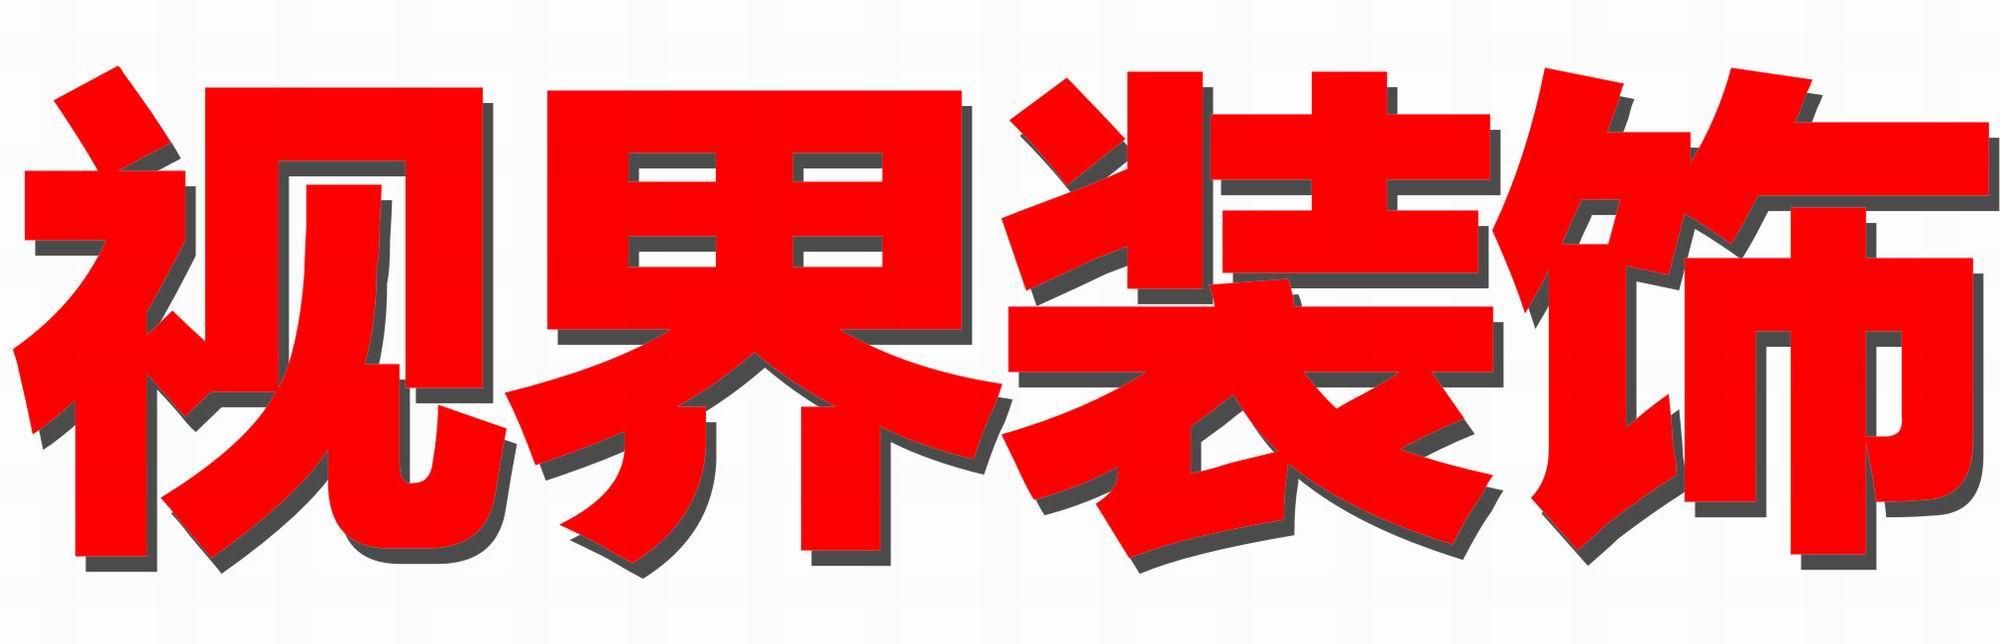 重庆视界装饰